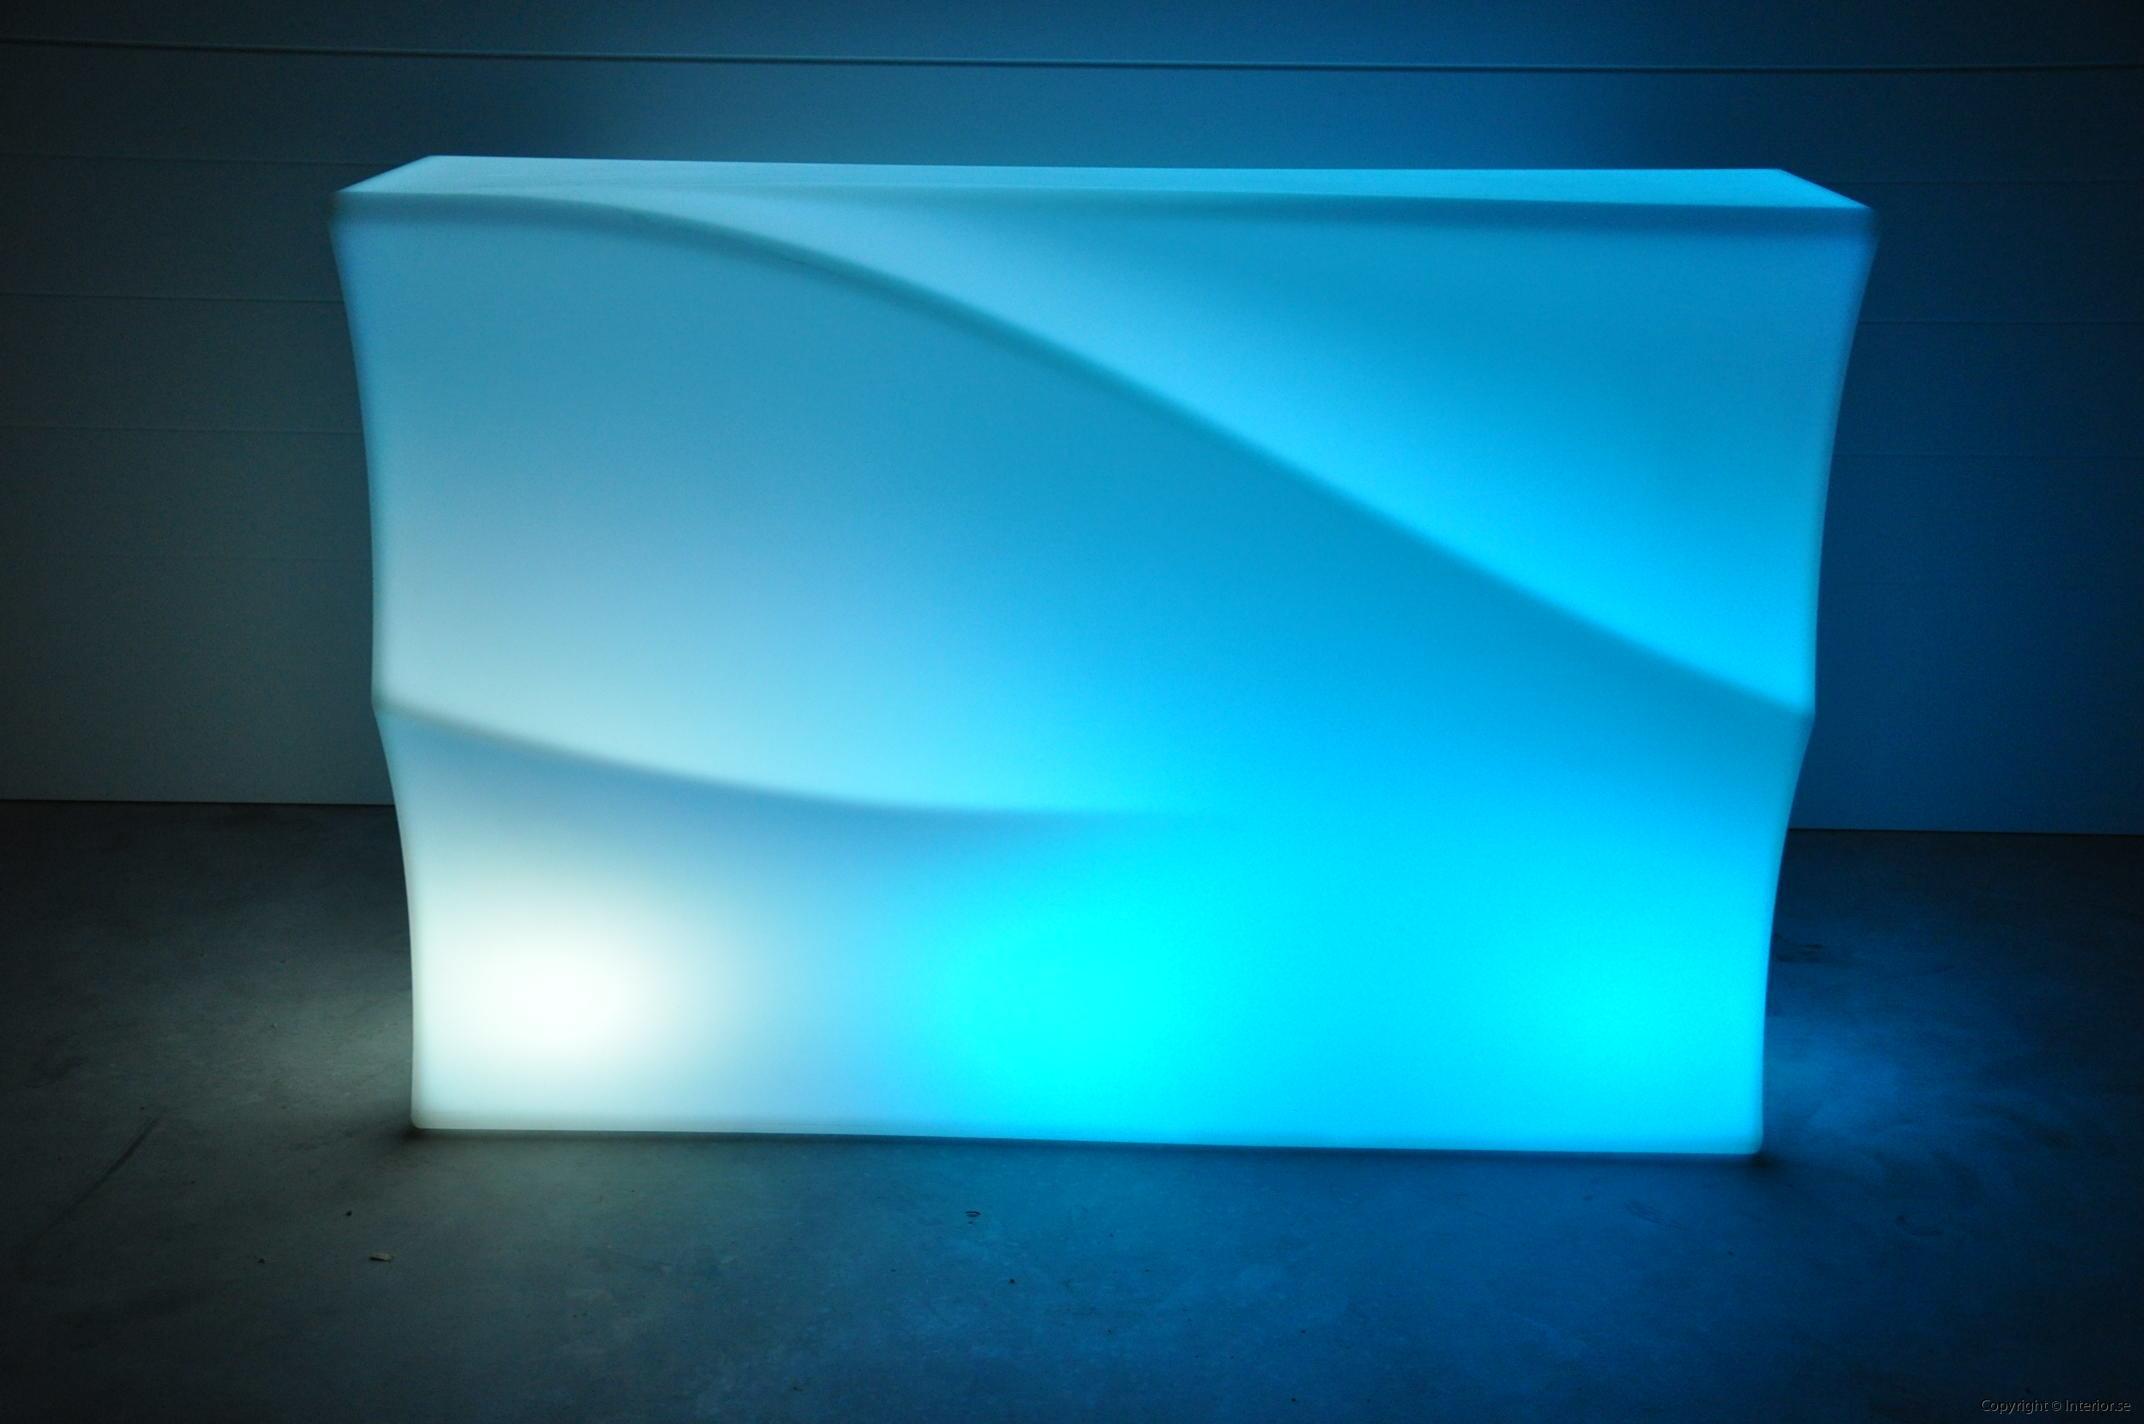 Hyra LED bardisk stockholm, New Wave 320 cm - batteri (3)